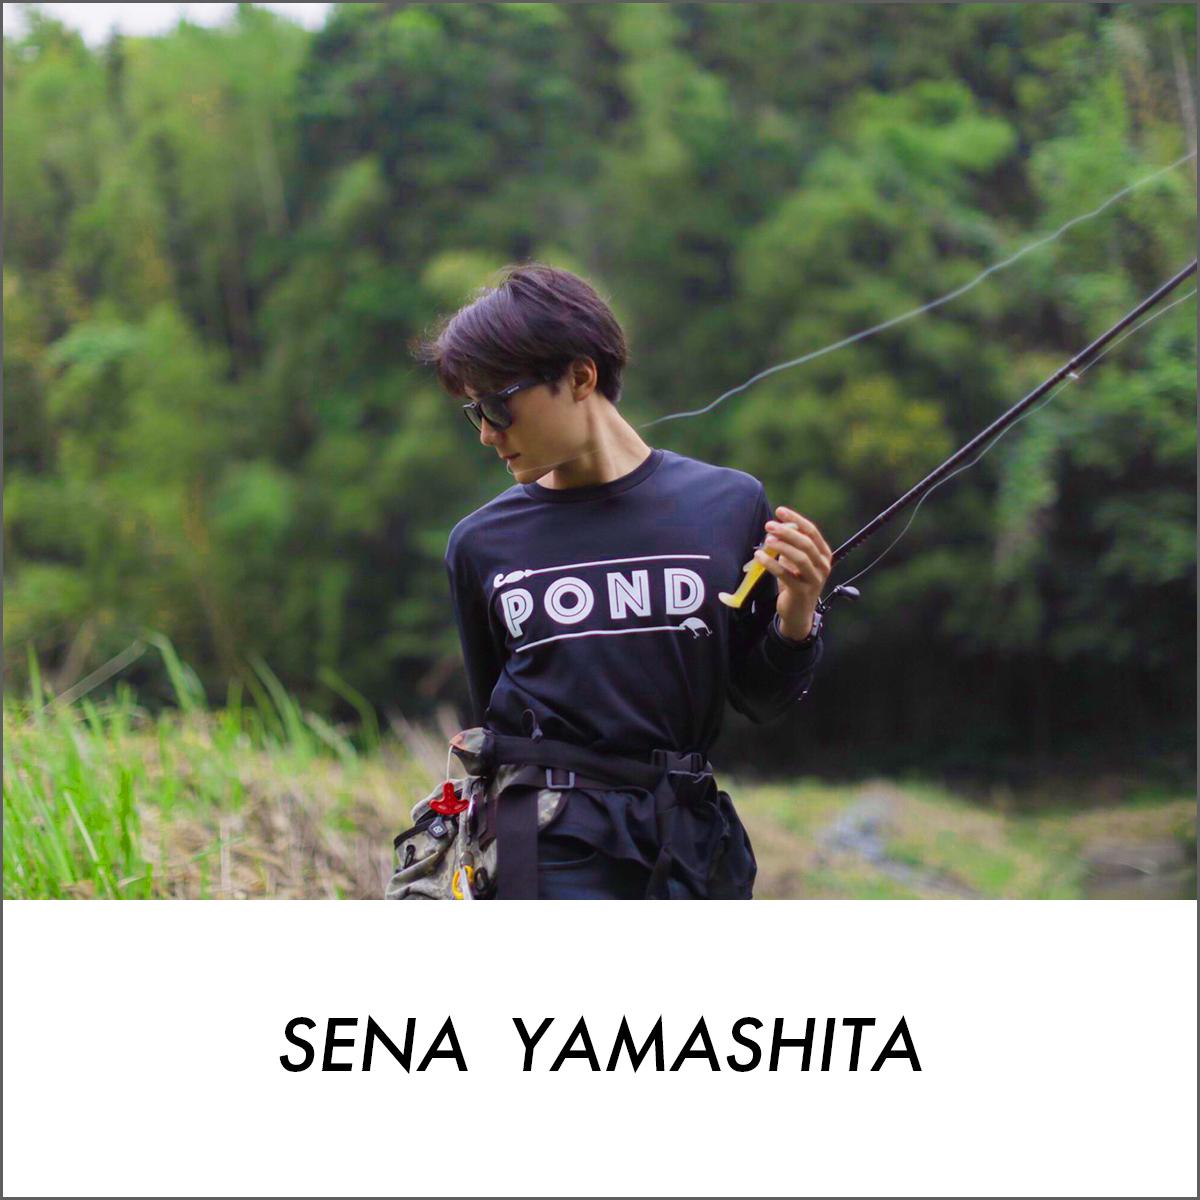 SENA YAMASHITA